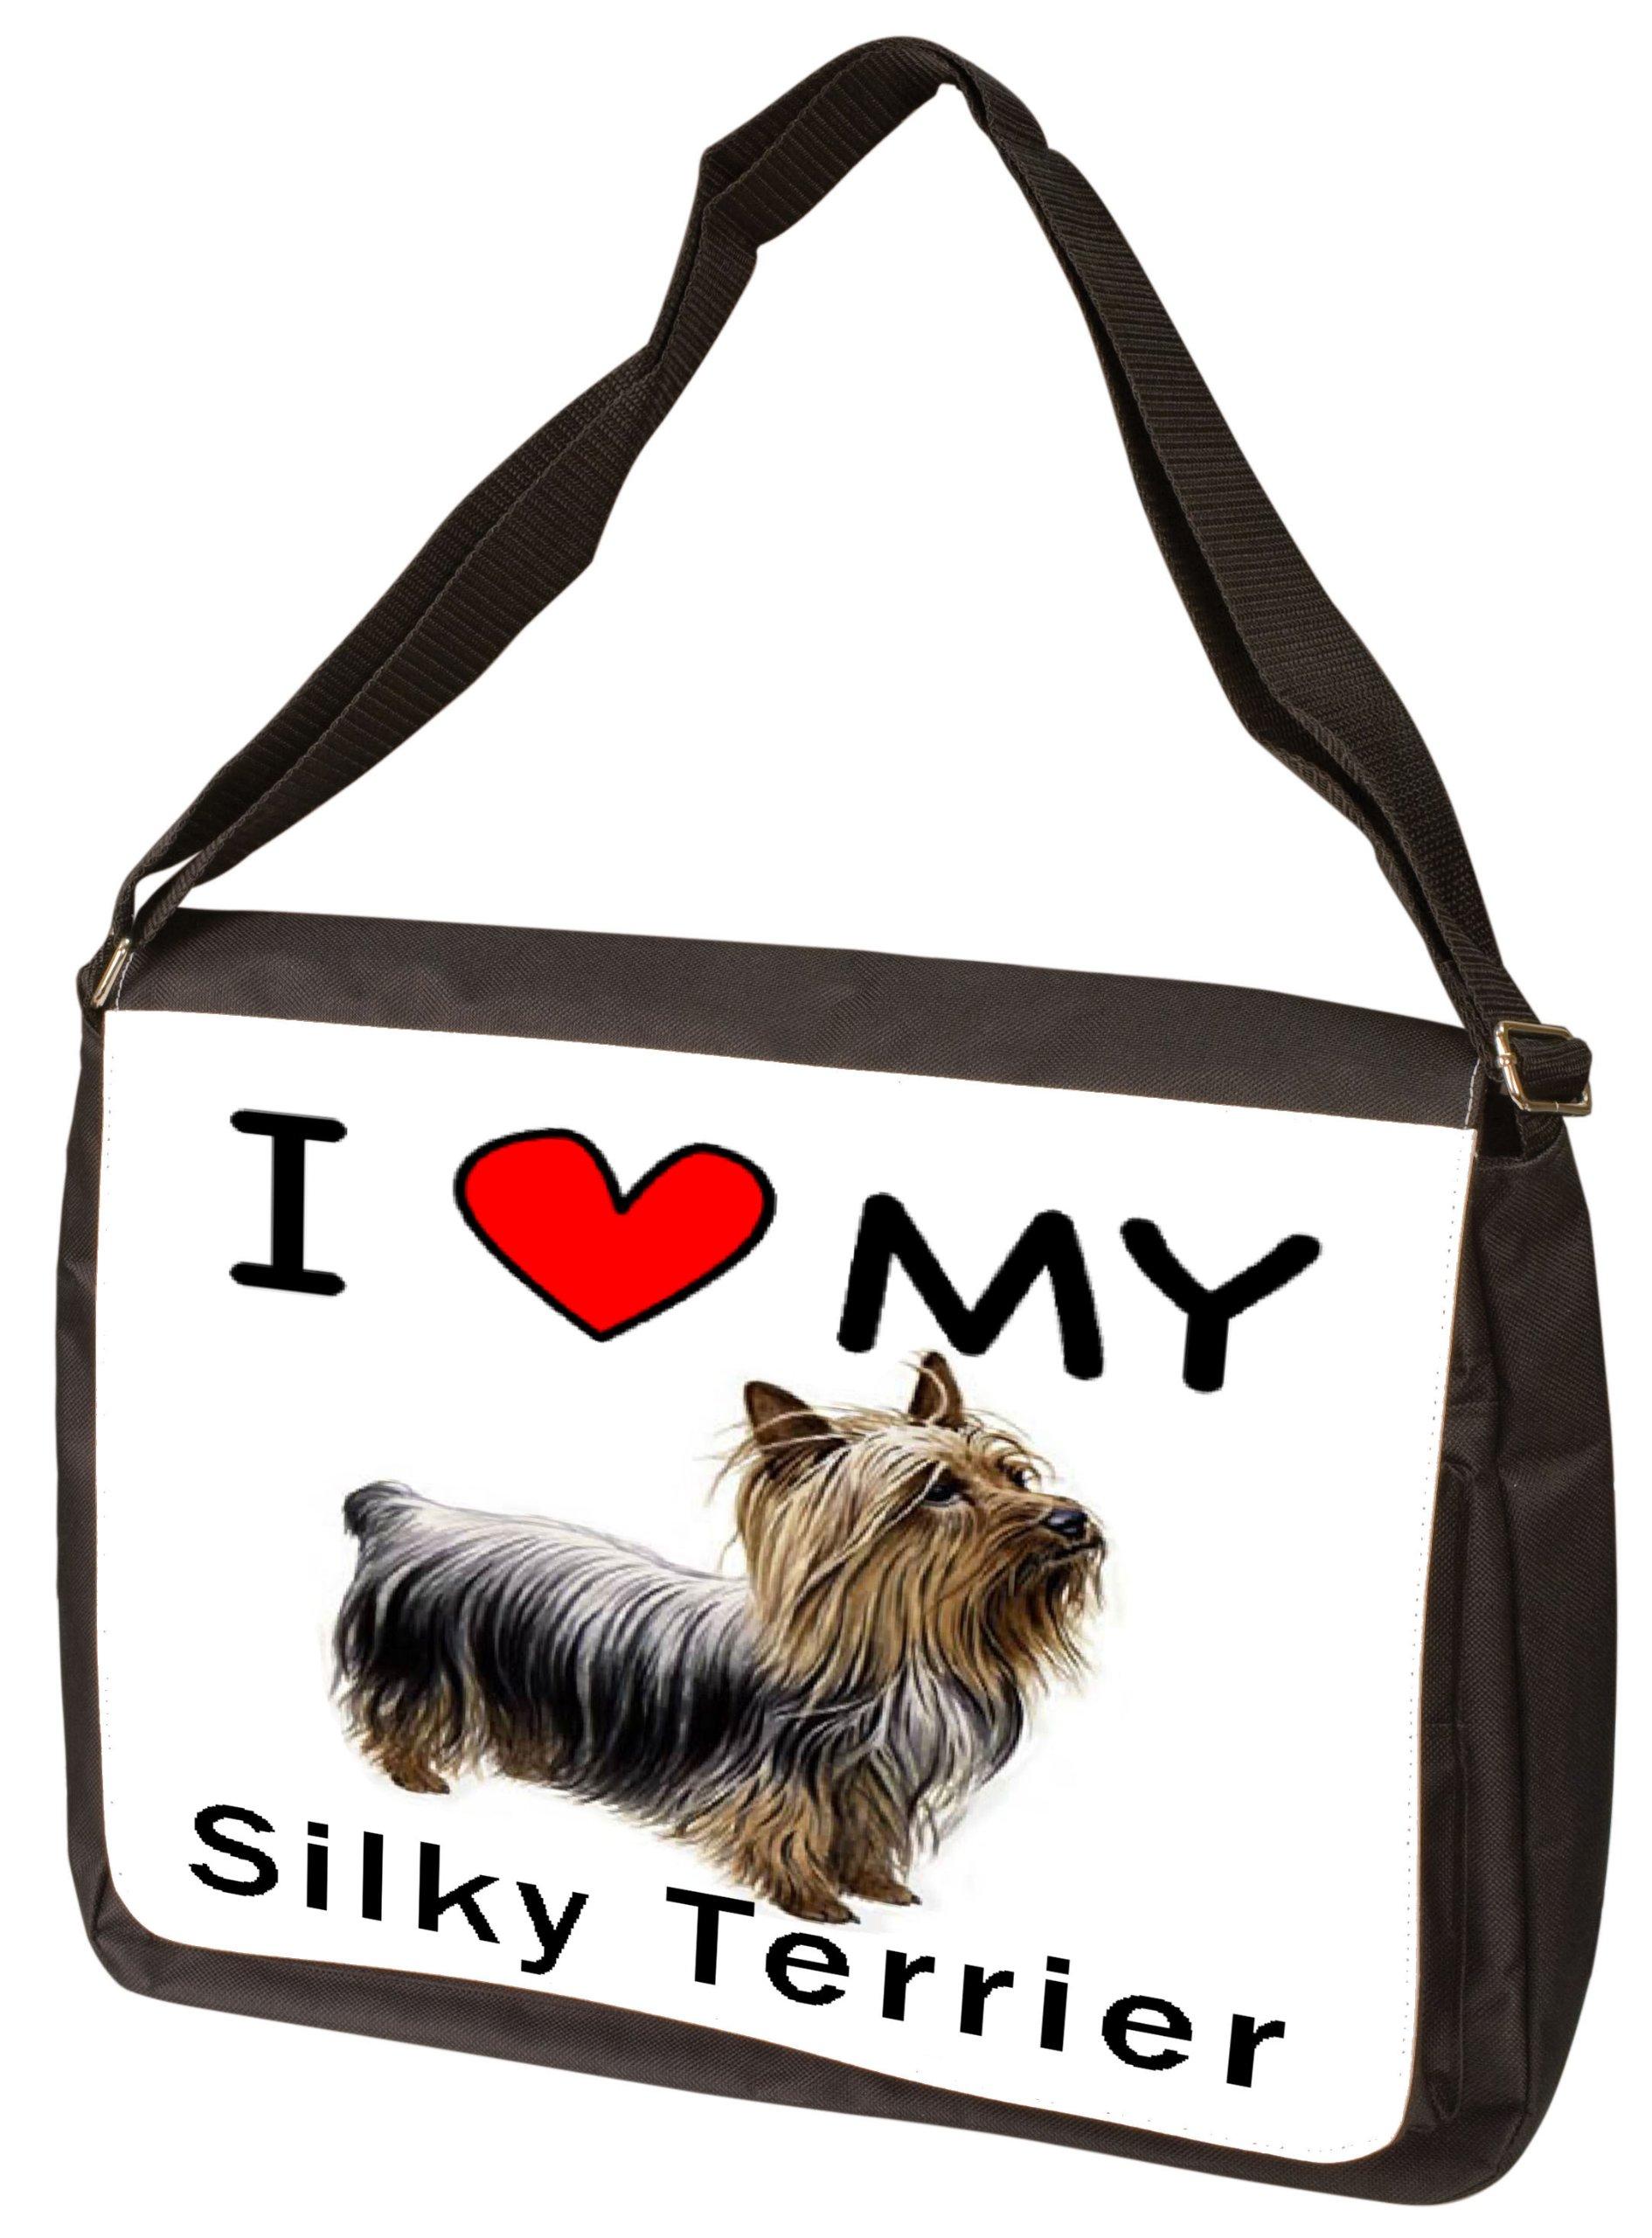 I Love My Silky Terrier Laptop Bag - Shoulder Bag - Messenger Bag